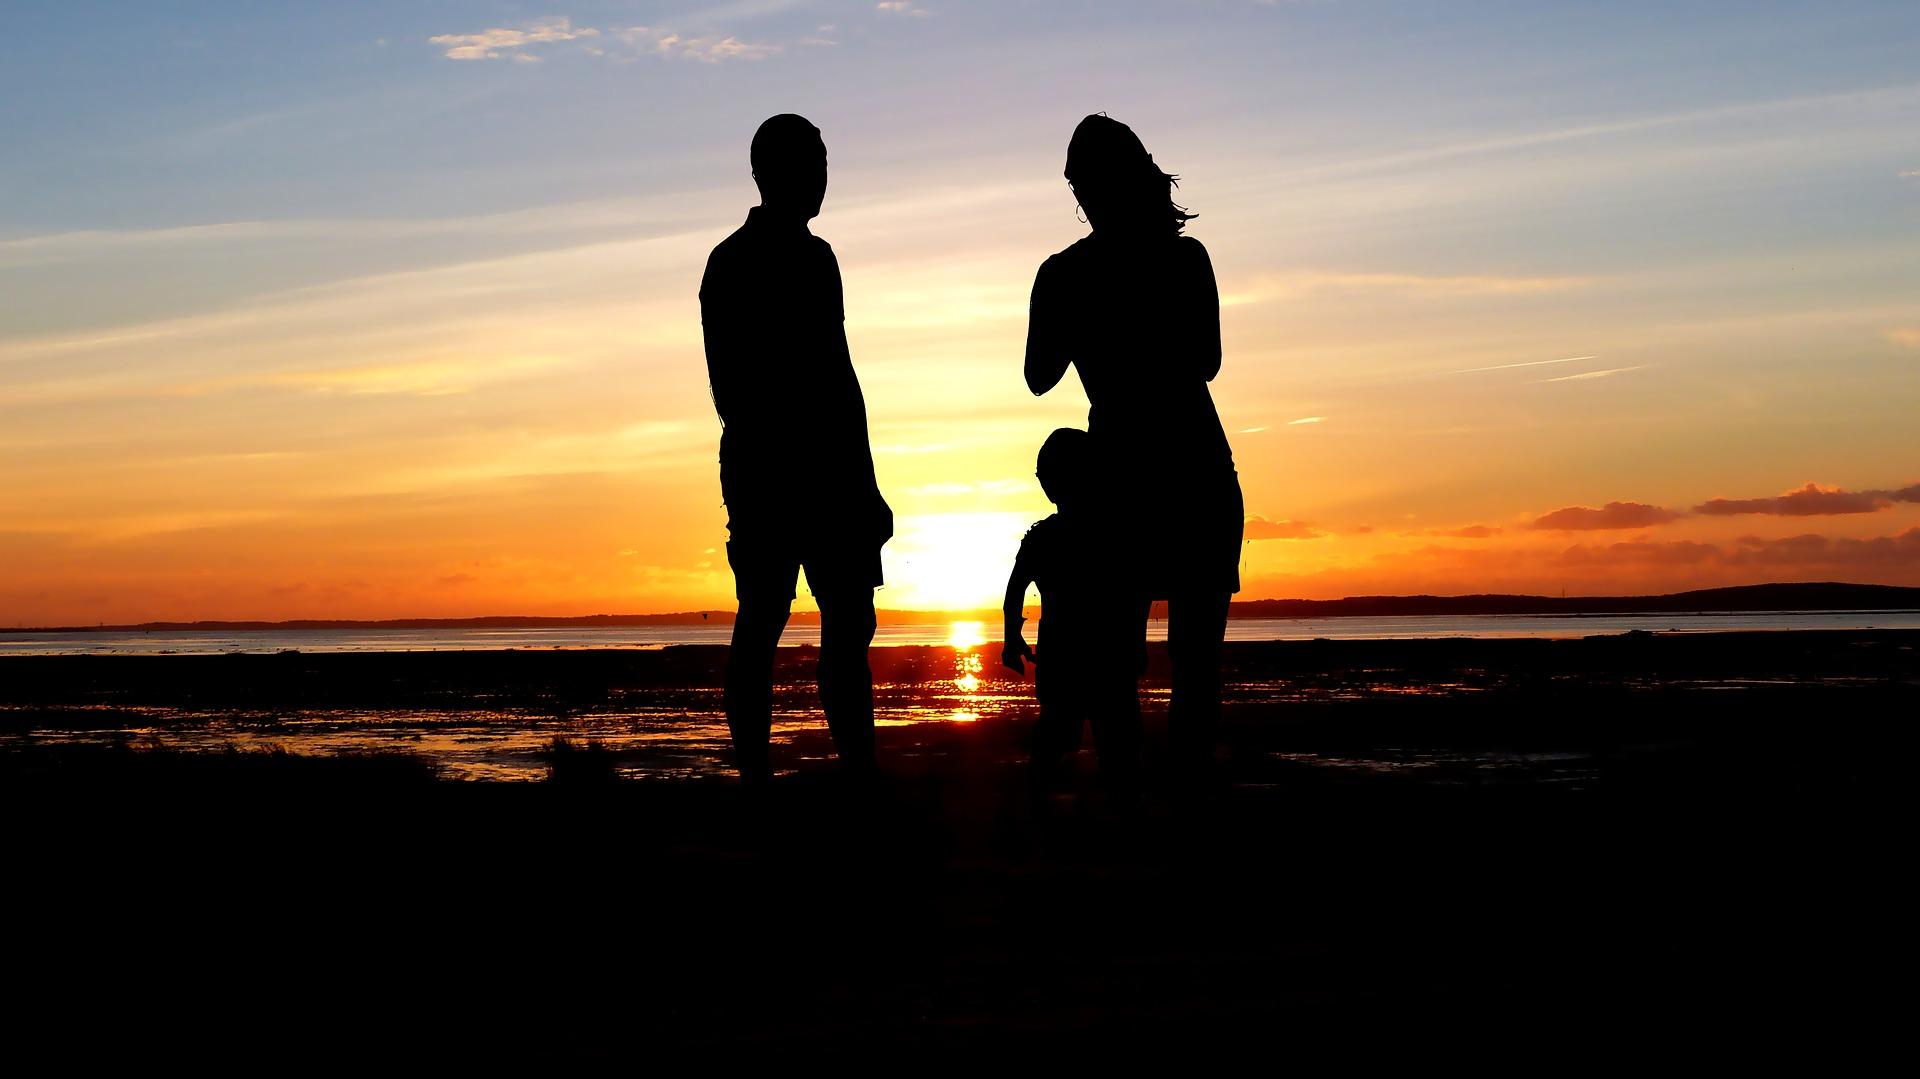 国内・国際的な家族子にかかわる諸問題(ハーグ条約や国際離婚・相続を含む)